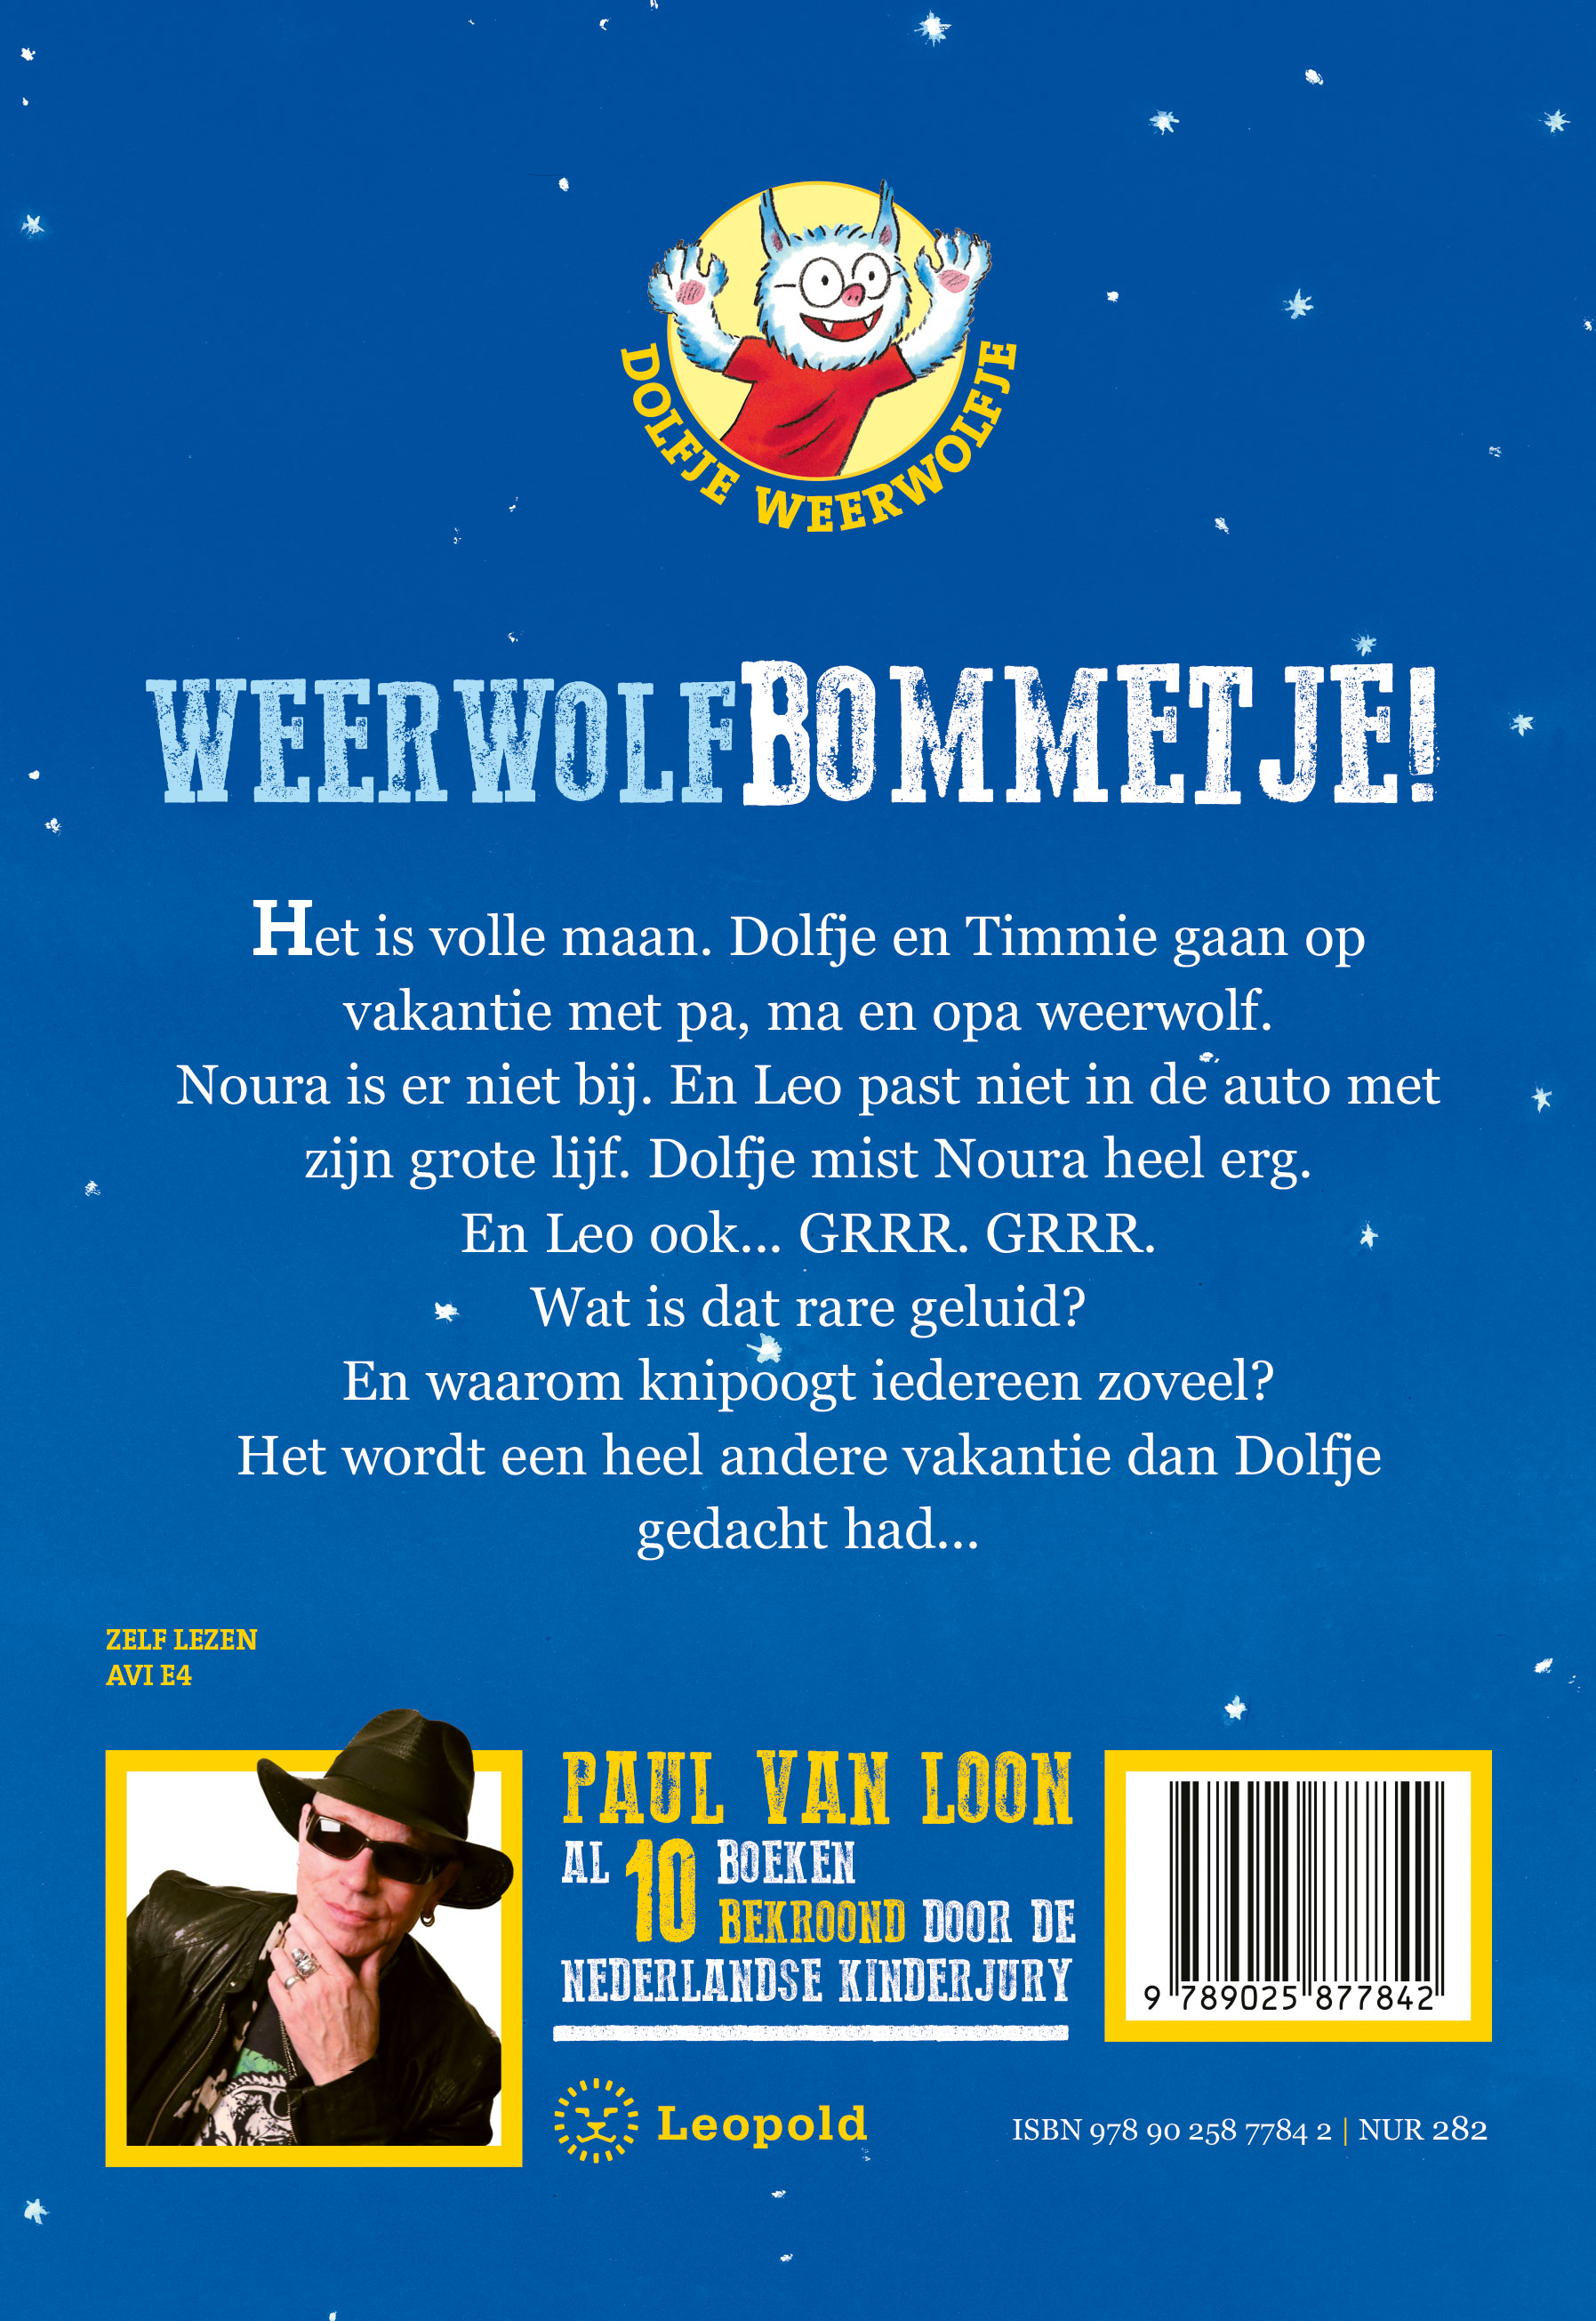 Weerwolfbommetje!